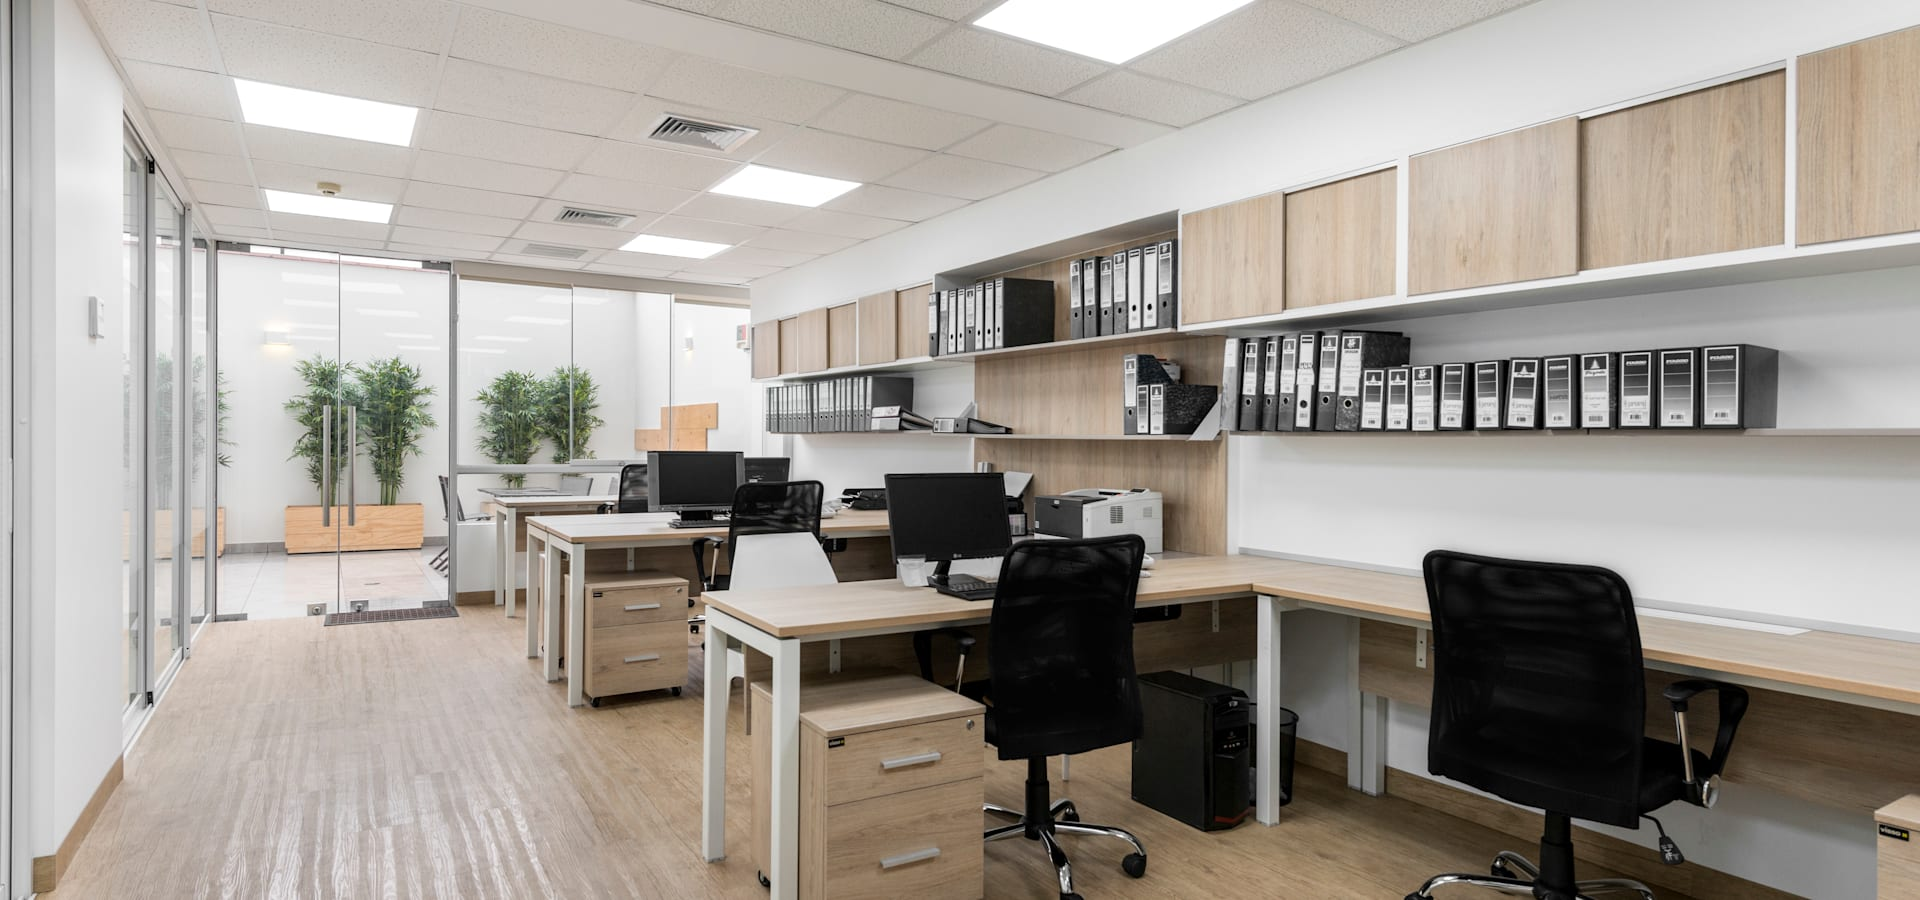 Baum Studio